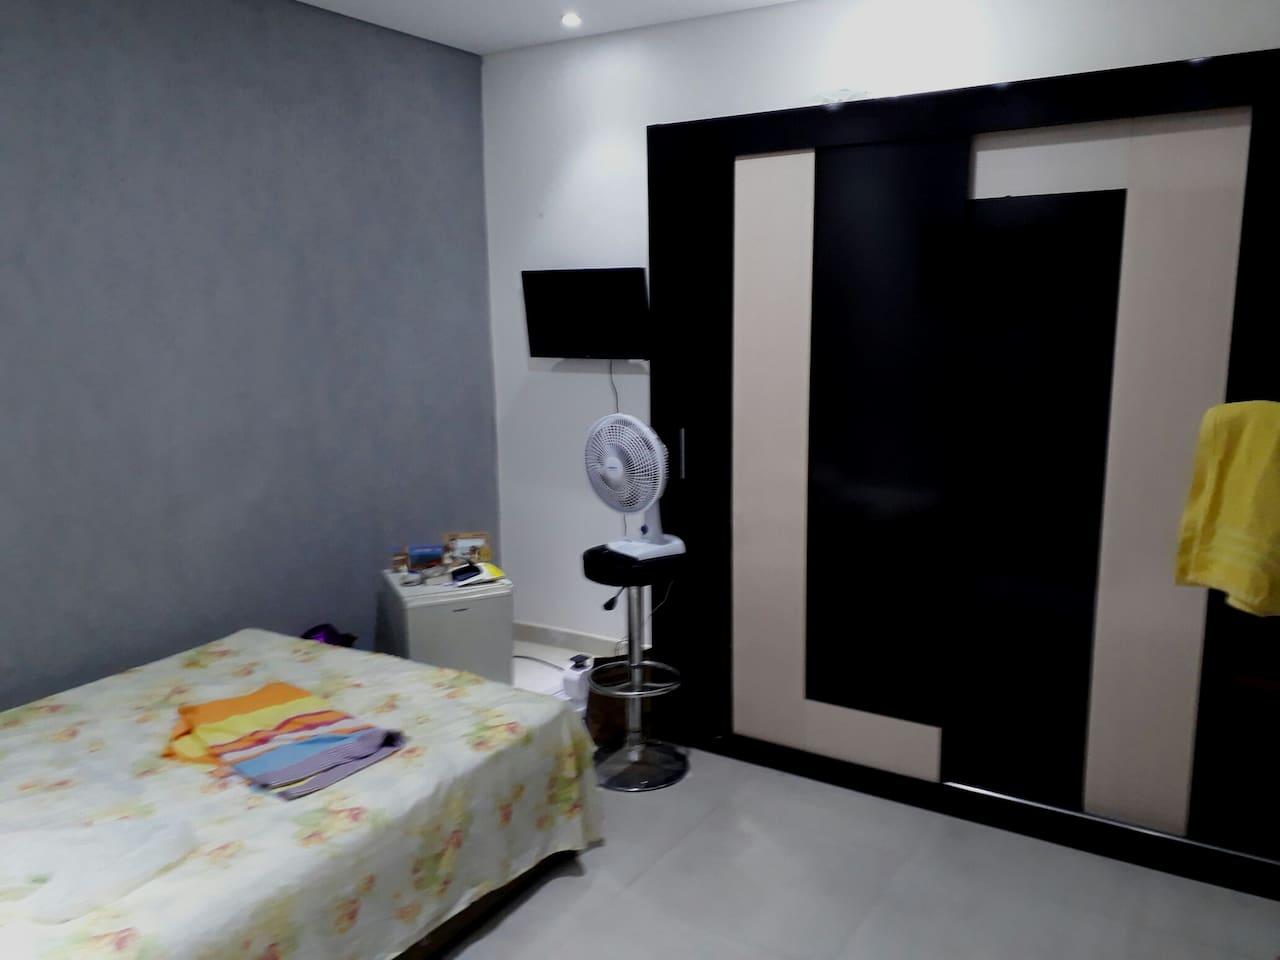 Quarto disponível para aluguel, com TV a cabo led,  frigobar, ventilador, cama box, guarda roupa, teto rebaixado com Gesso